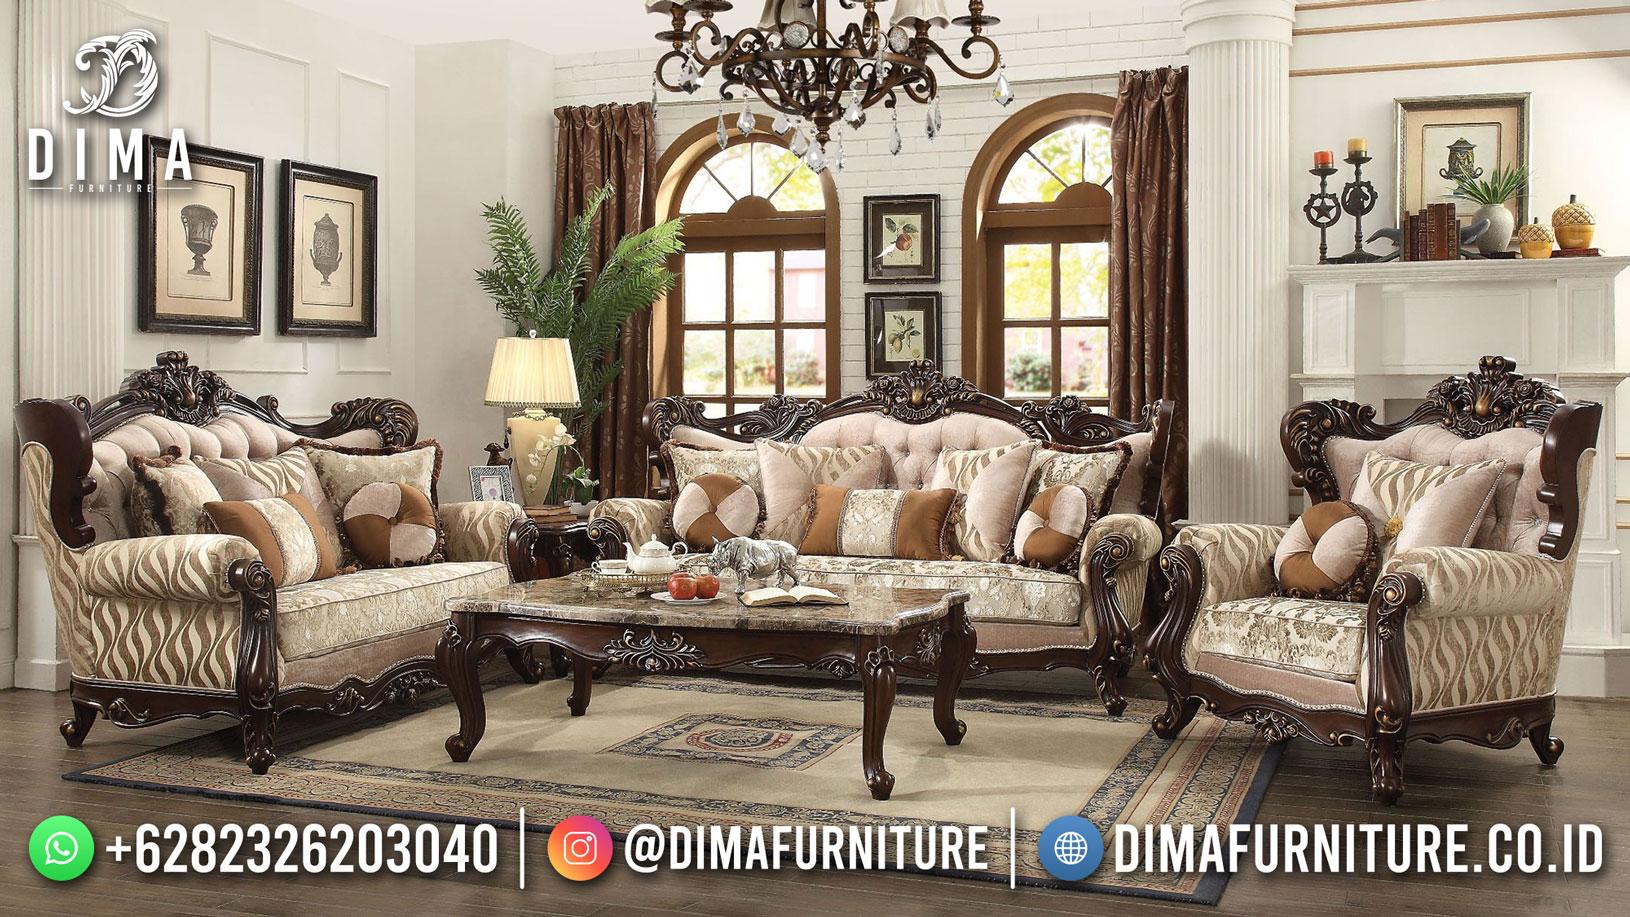 Jual Set Sofa Tamu Mewah Model Terbaru Deluxe New Athena DF-1545